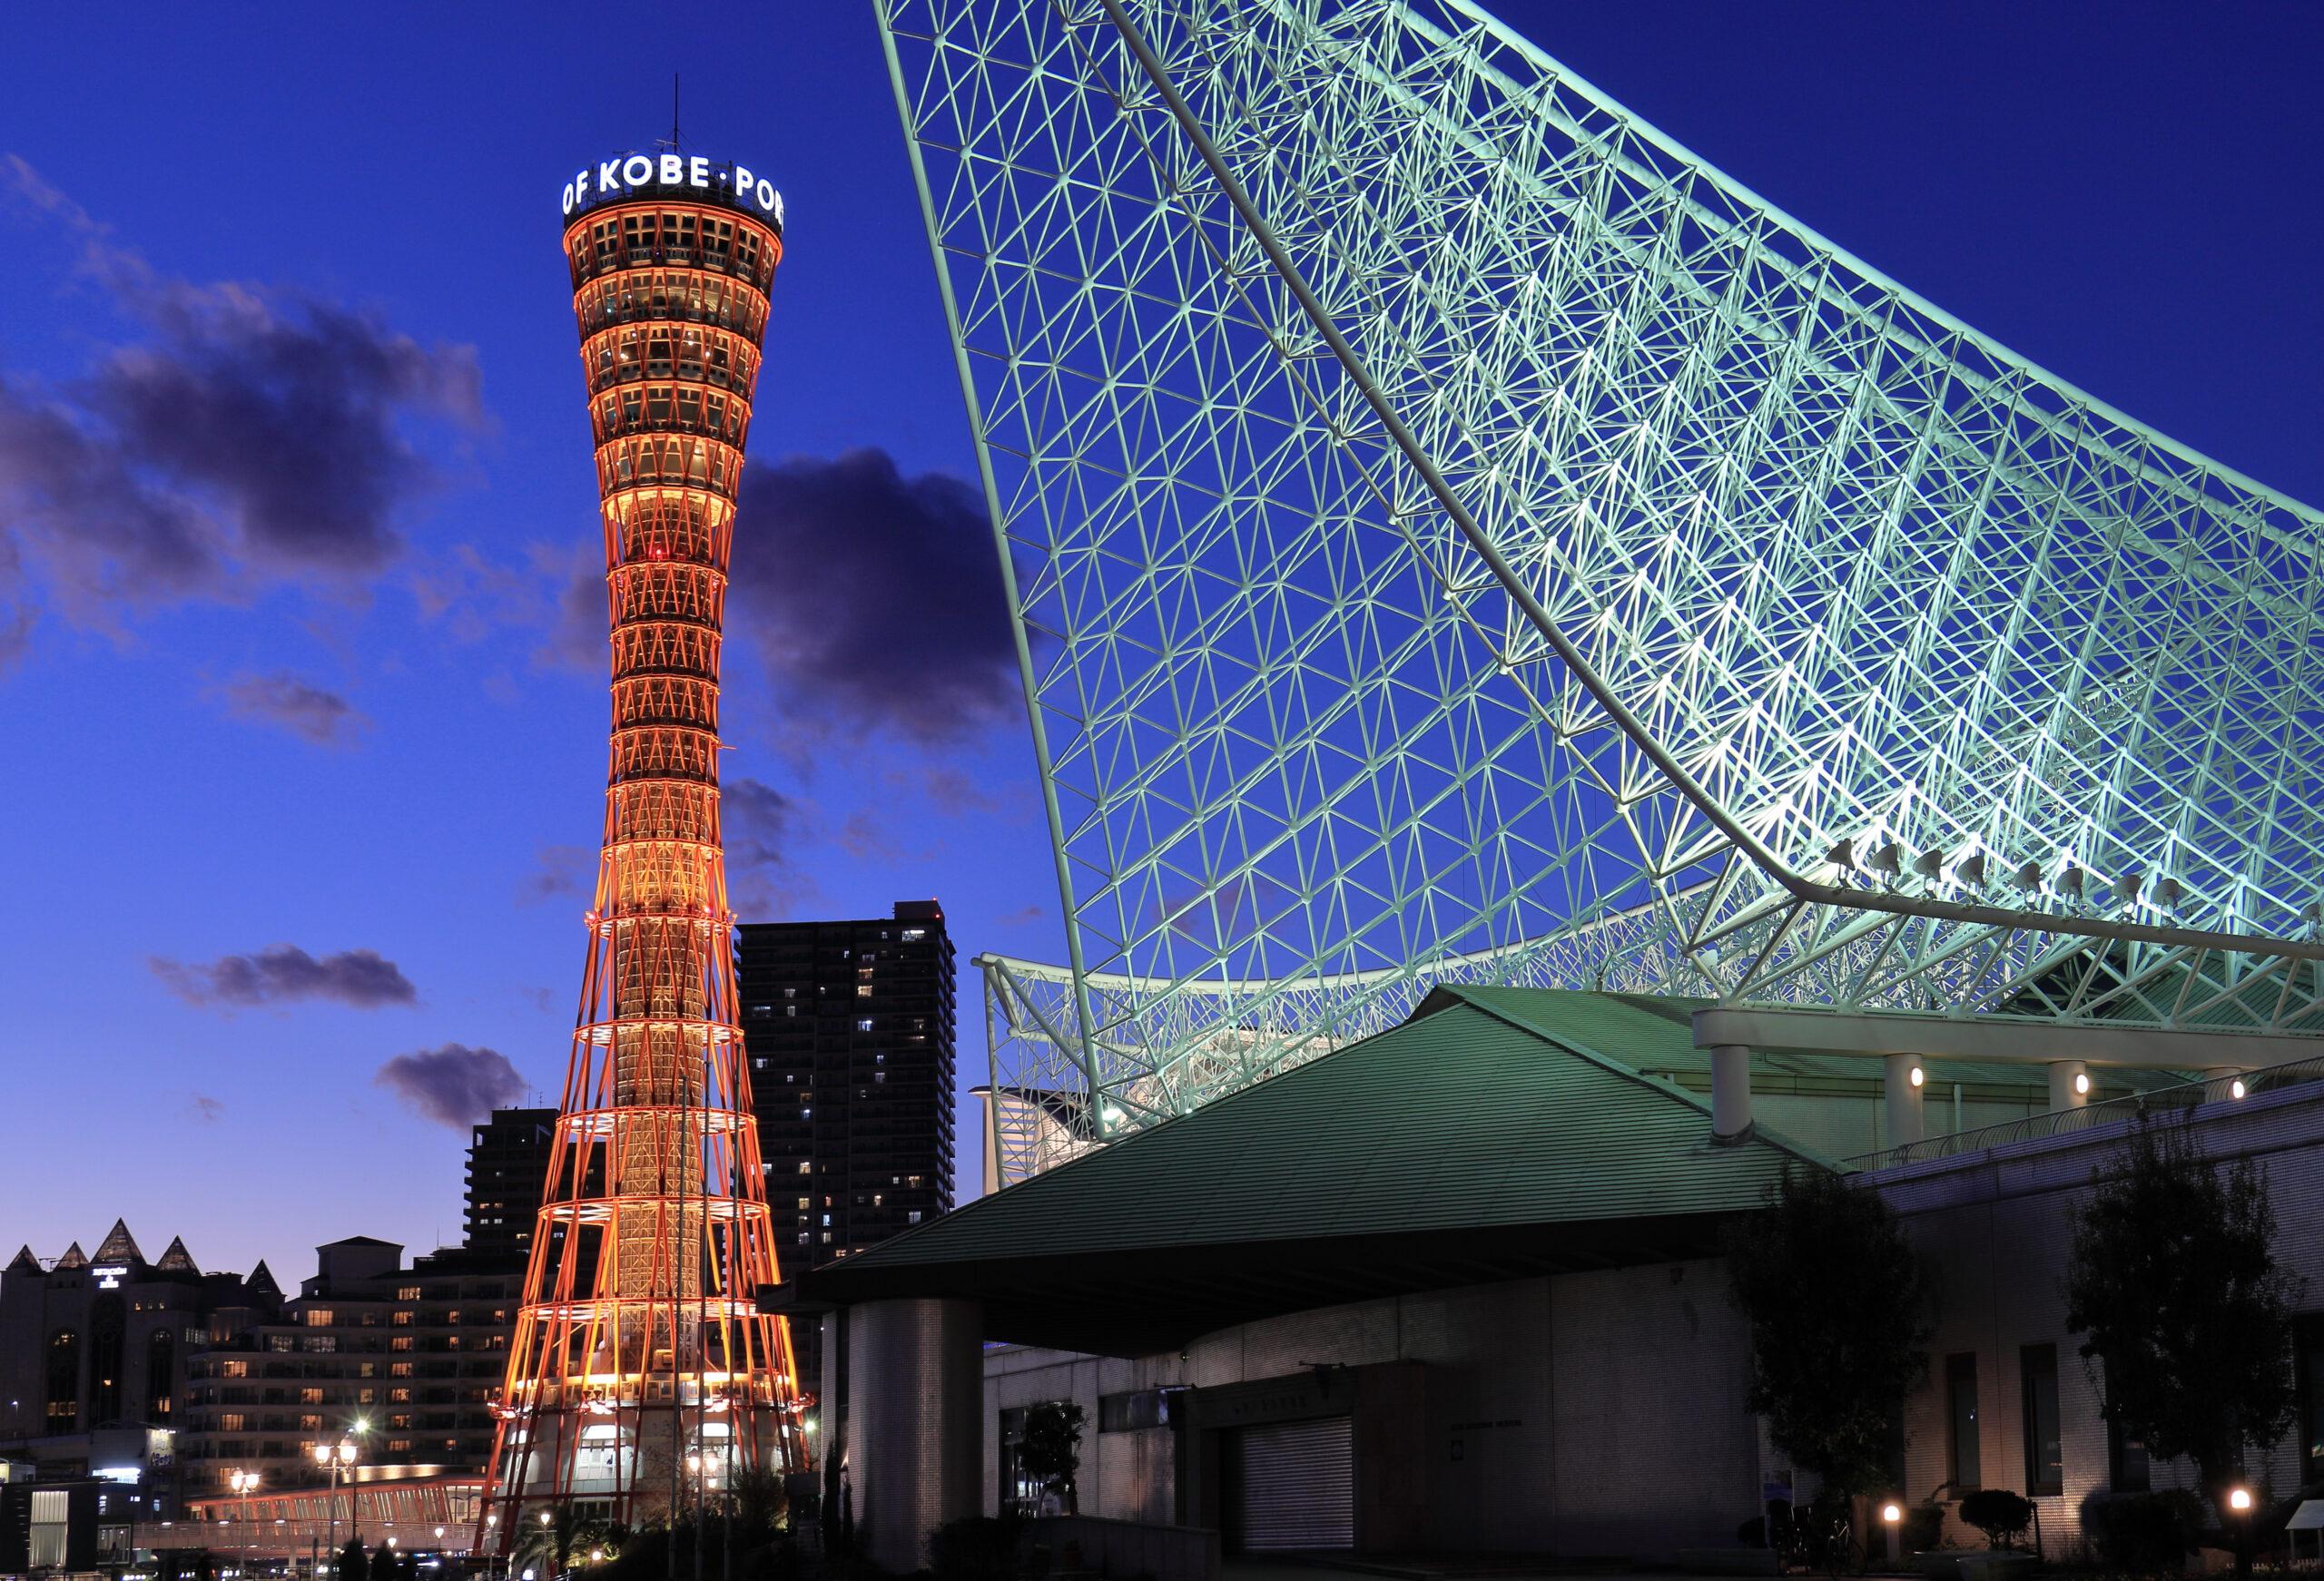 夜のライトアップされたポートタワーと神戸海洋博物館